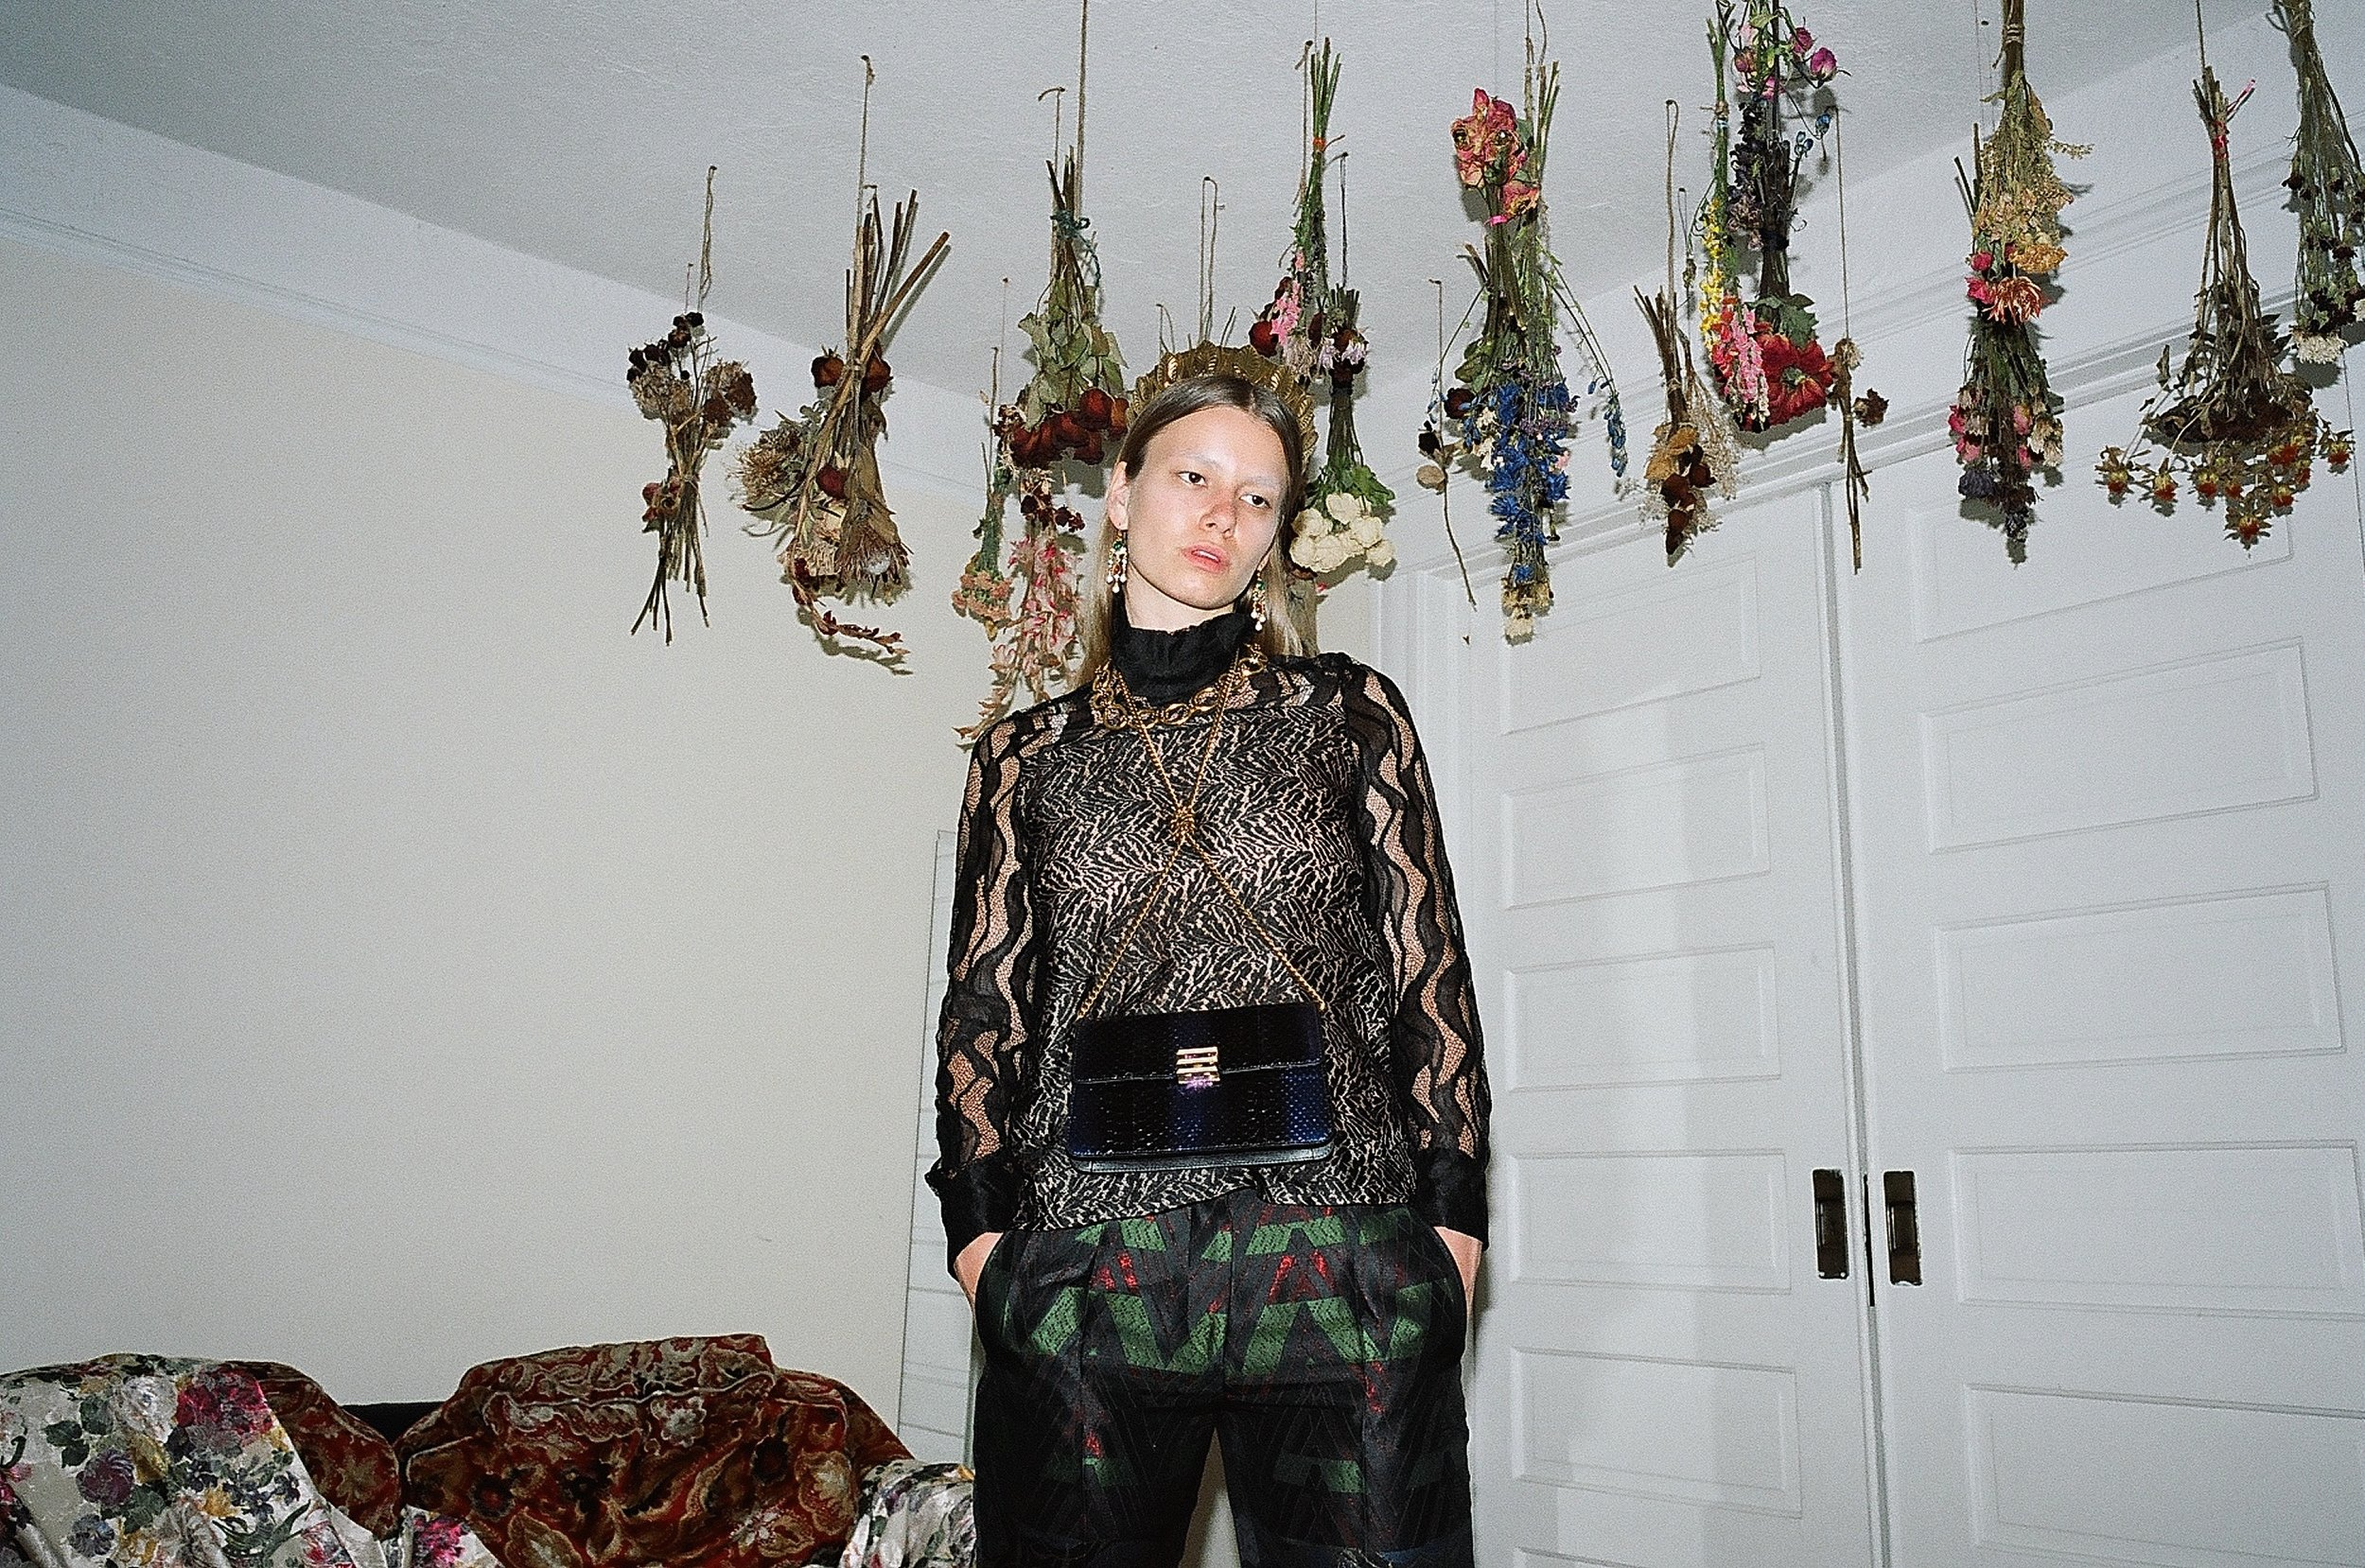 Bolso y pantalón de  ETRO , blusa de  PRABAL GURUNG.